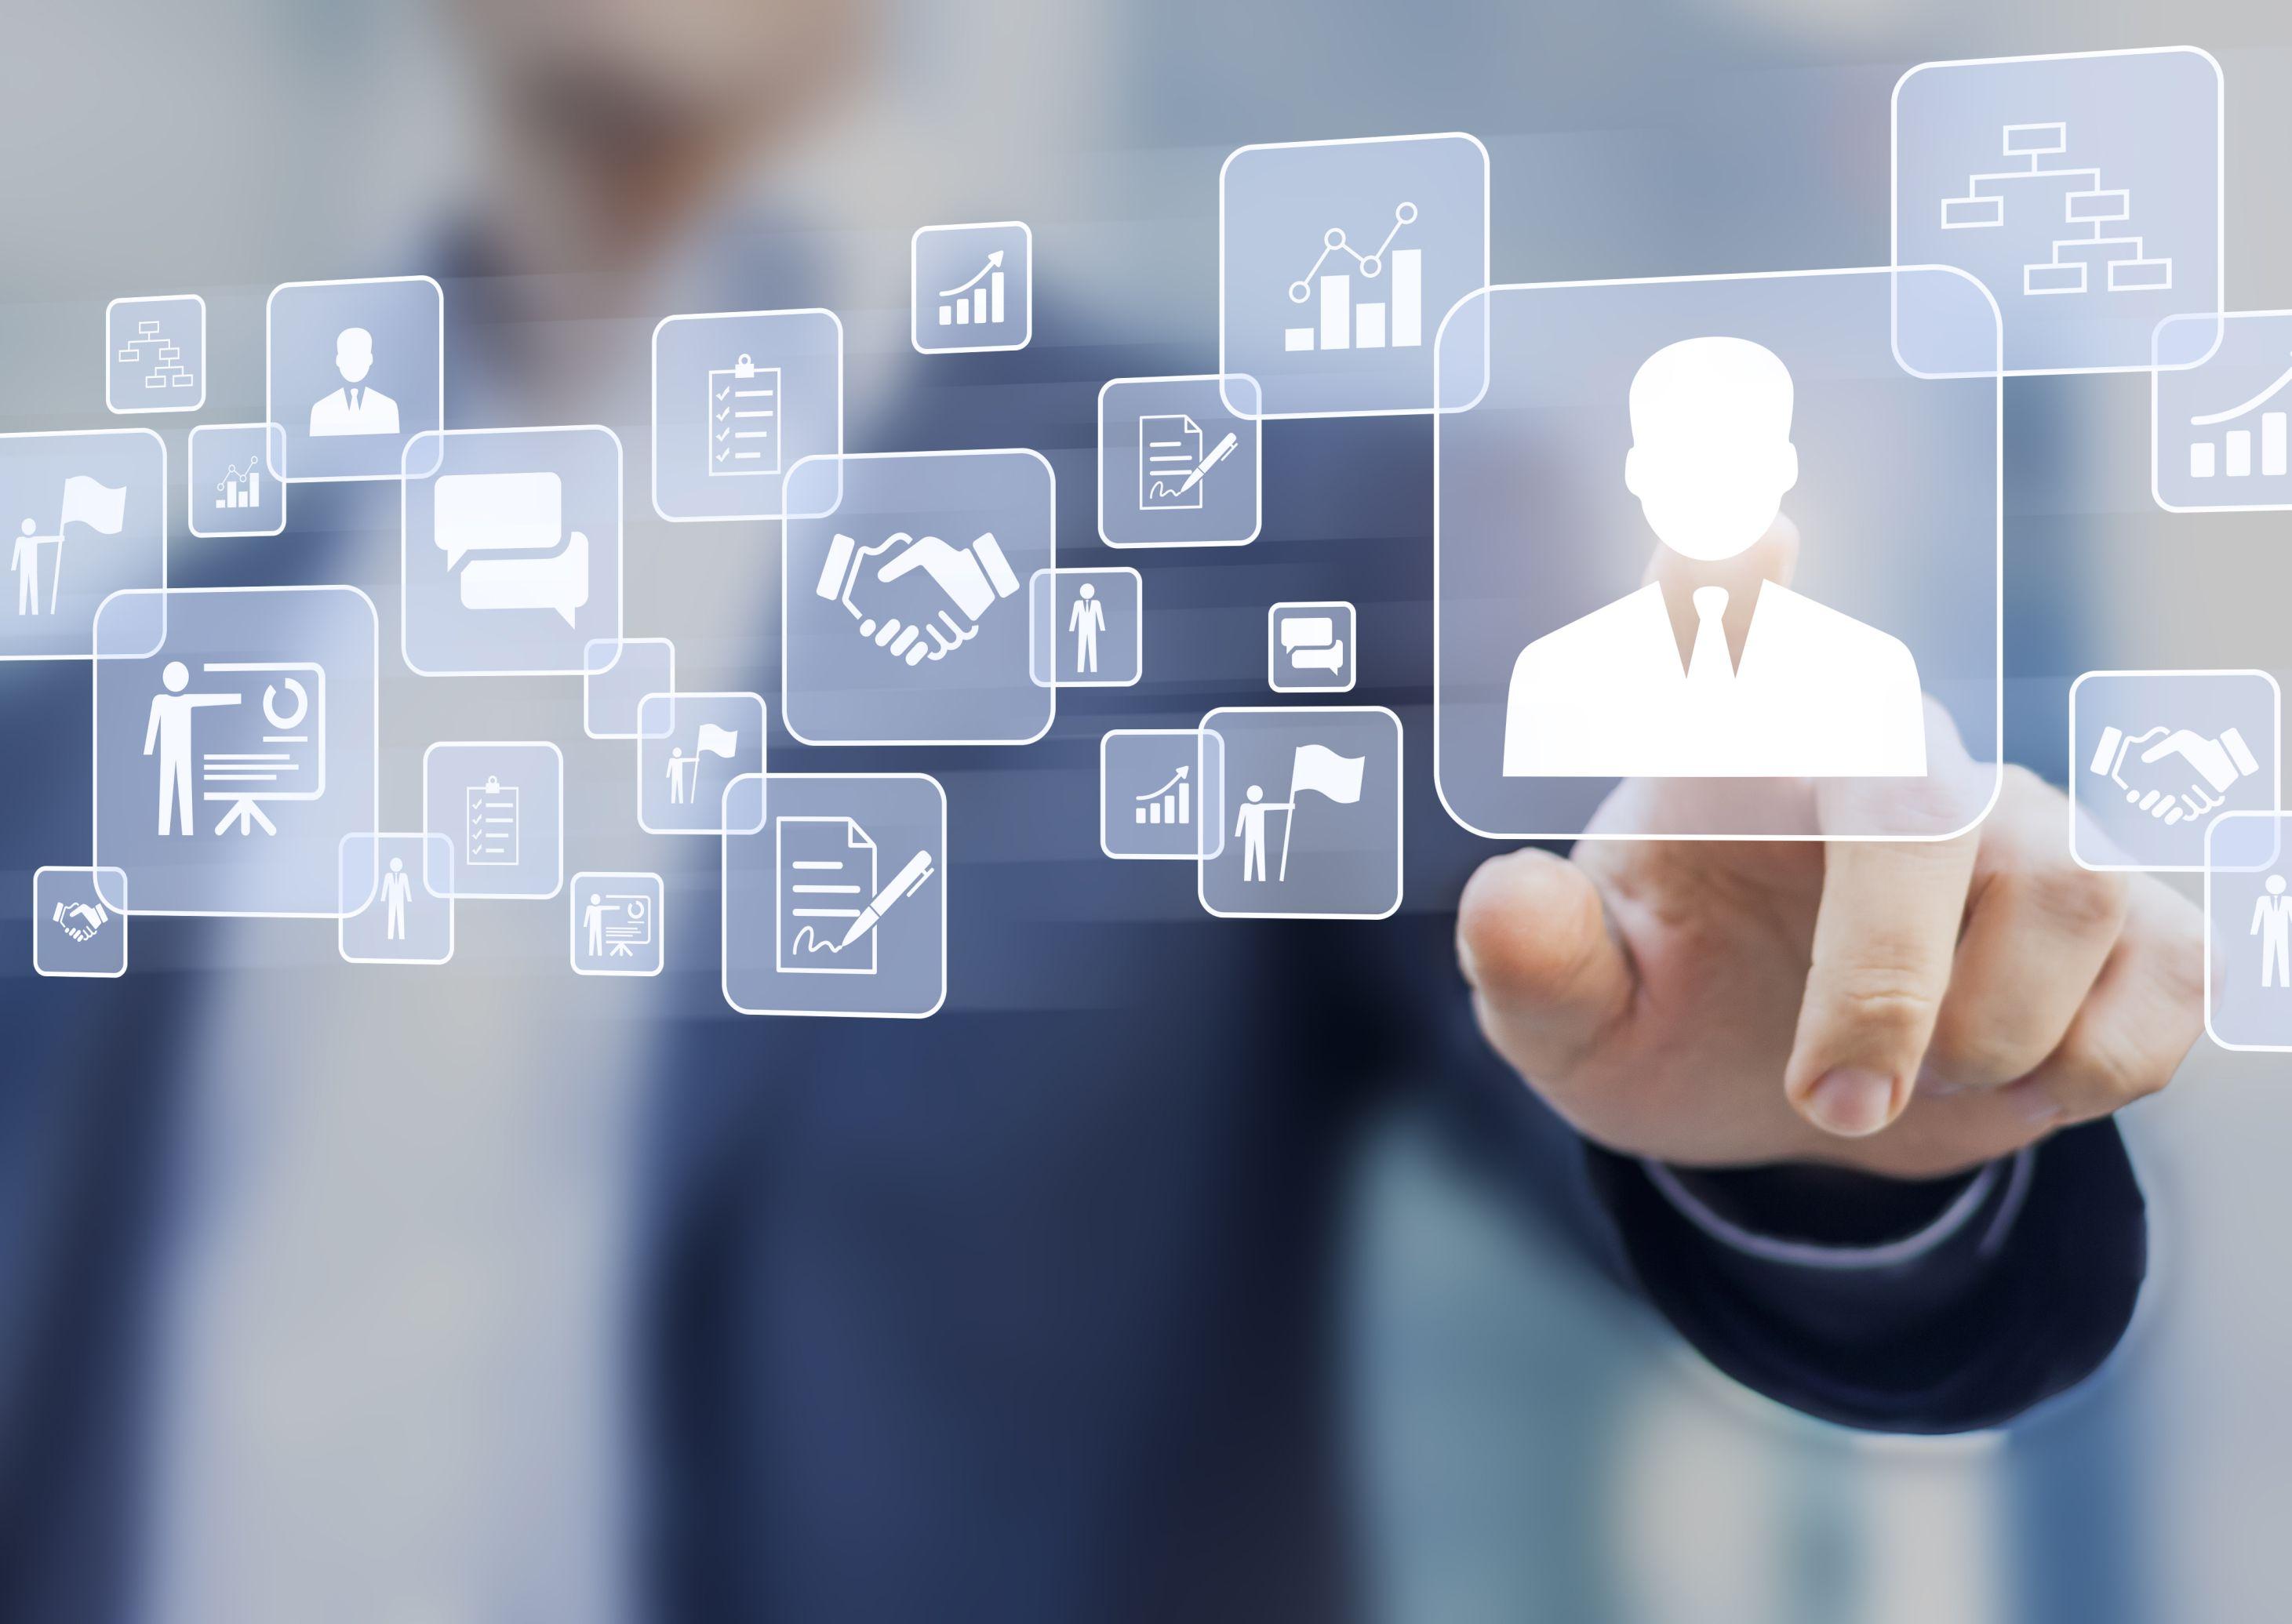 Pojawiają się nowoczesne zawody, bez których firmy nie sprostają wyzwaniom ery cyfrowej i Przemysłu 4.0 (fot. shutterstock)